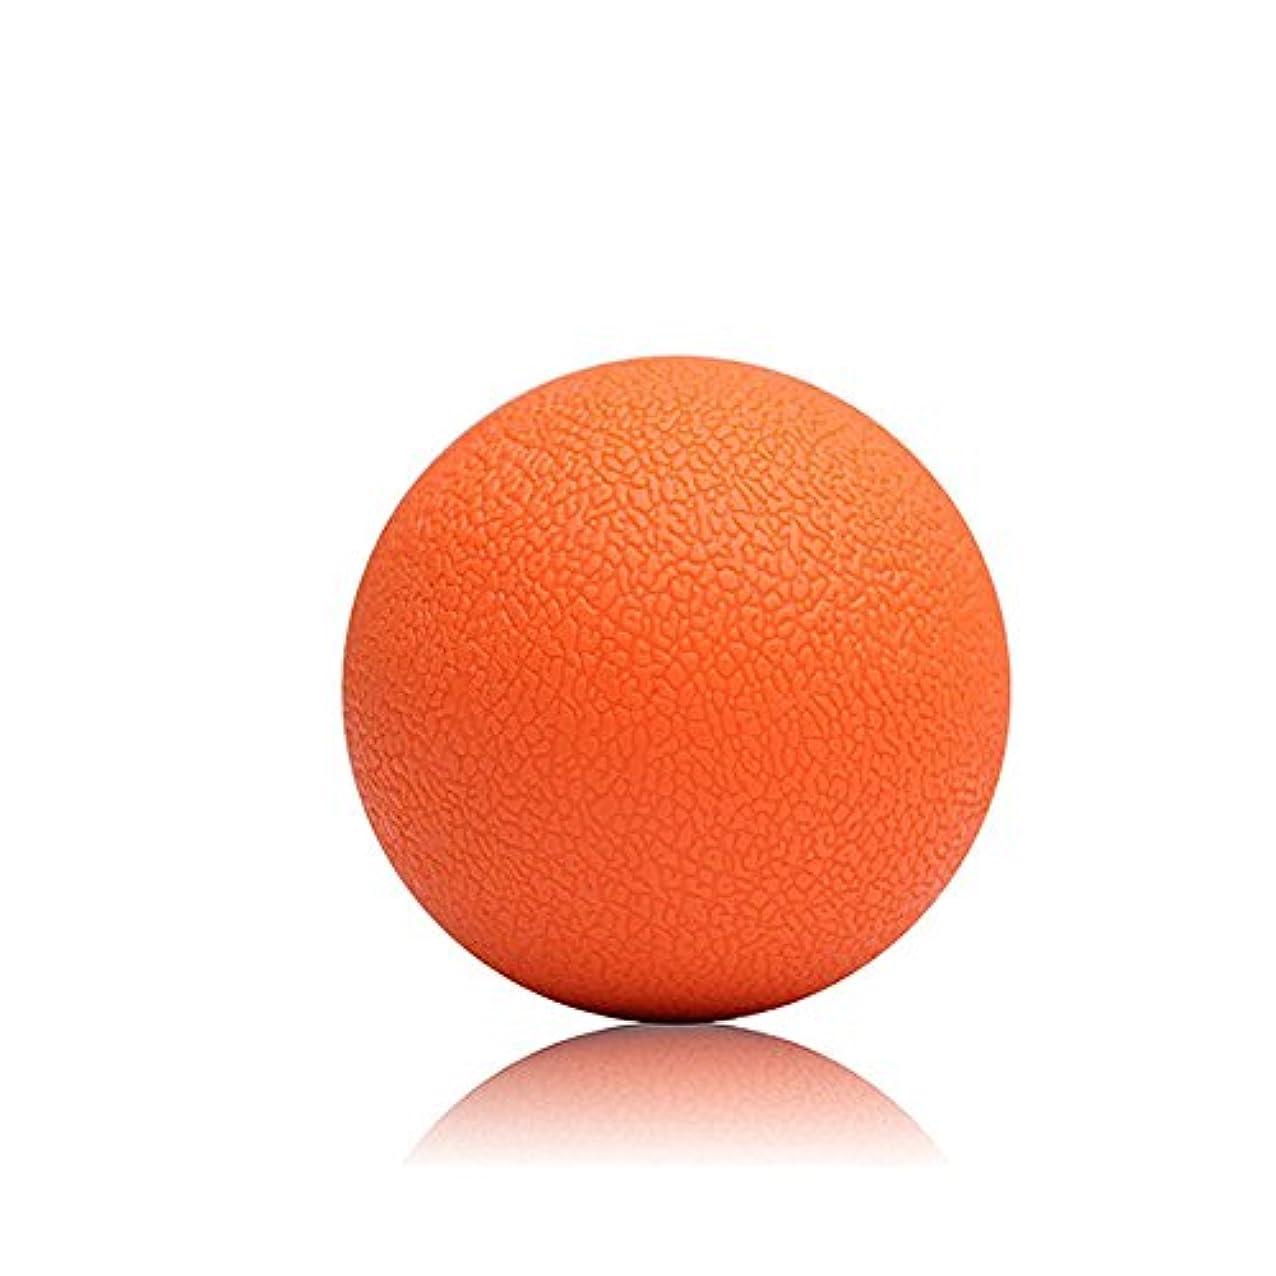 浮く浸透する浴室マッサージボール 筋膜リリース 指圧ボール 足裏 ふくらはぎ ツボ押しグッズ 健康グッズ